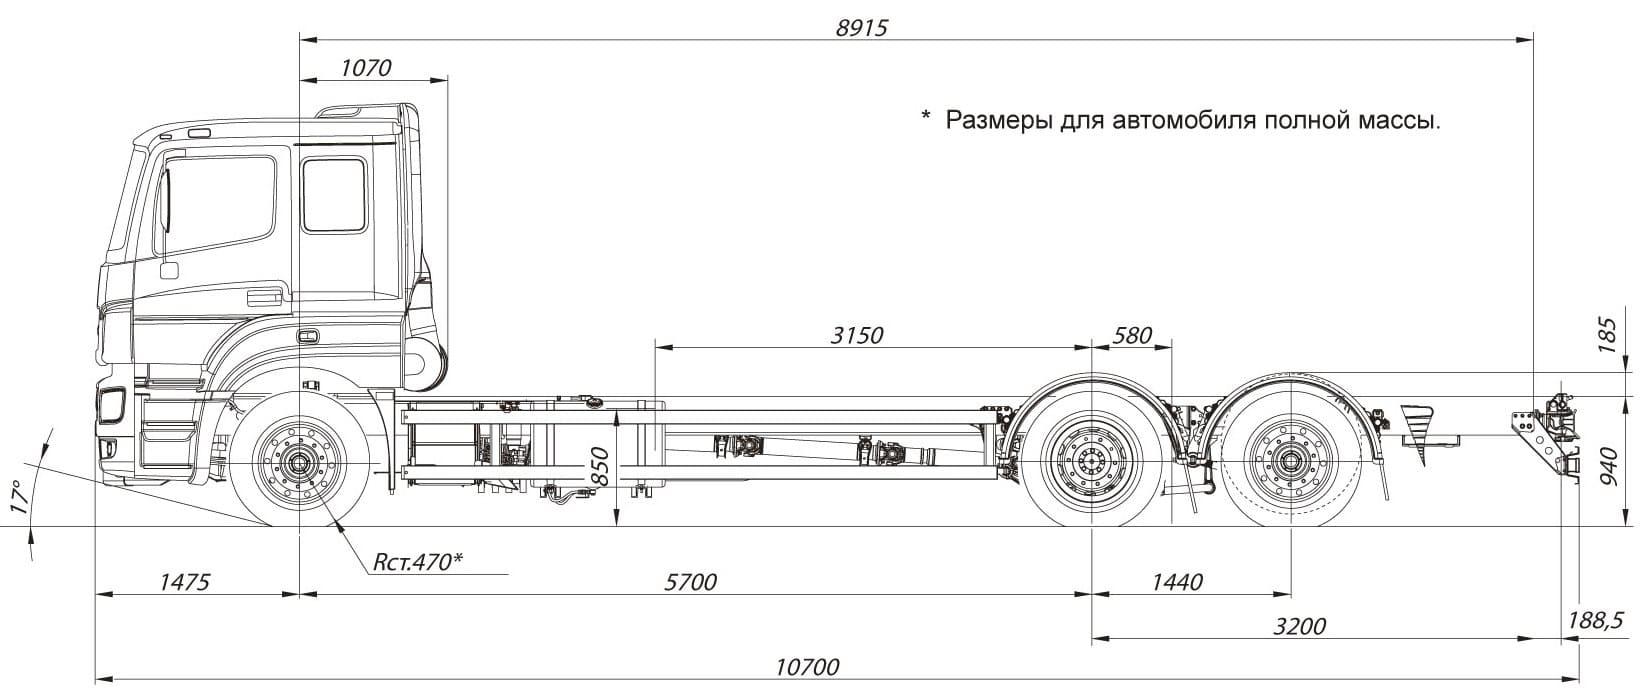 КАМАЗ 65208 габаритные размеры для автомобиля полной массы